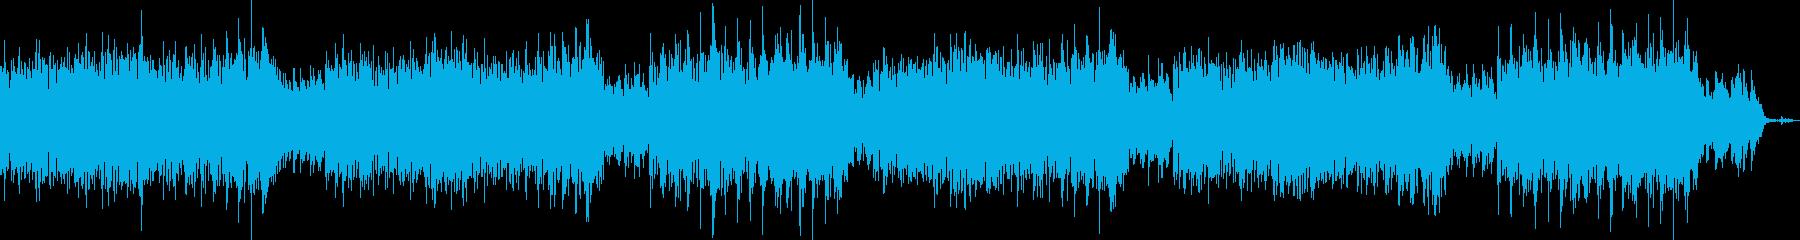 華やかでなめらかなメロディーの再生済みの波形